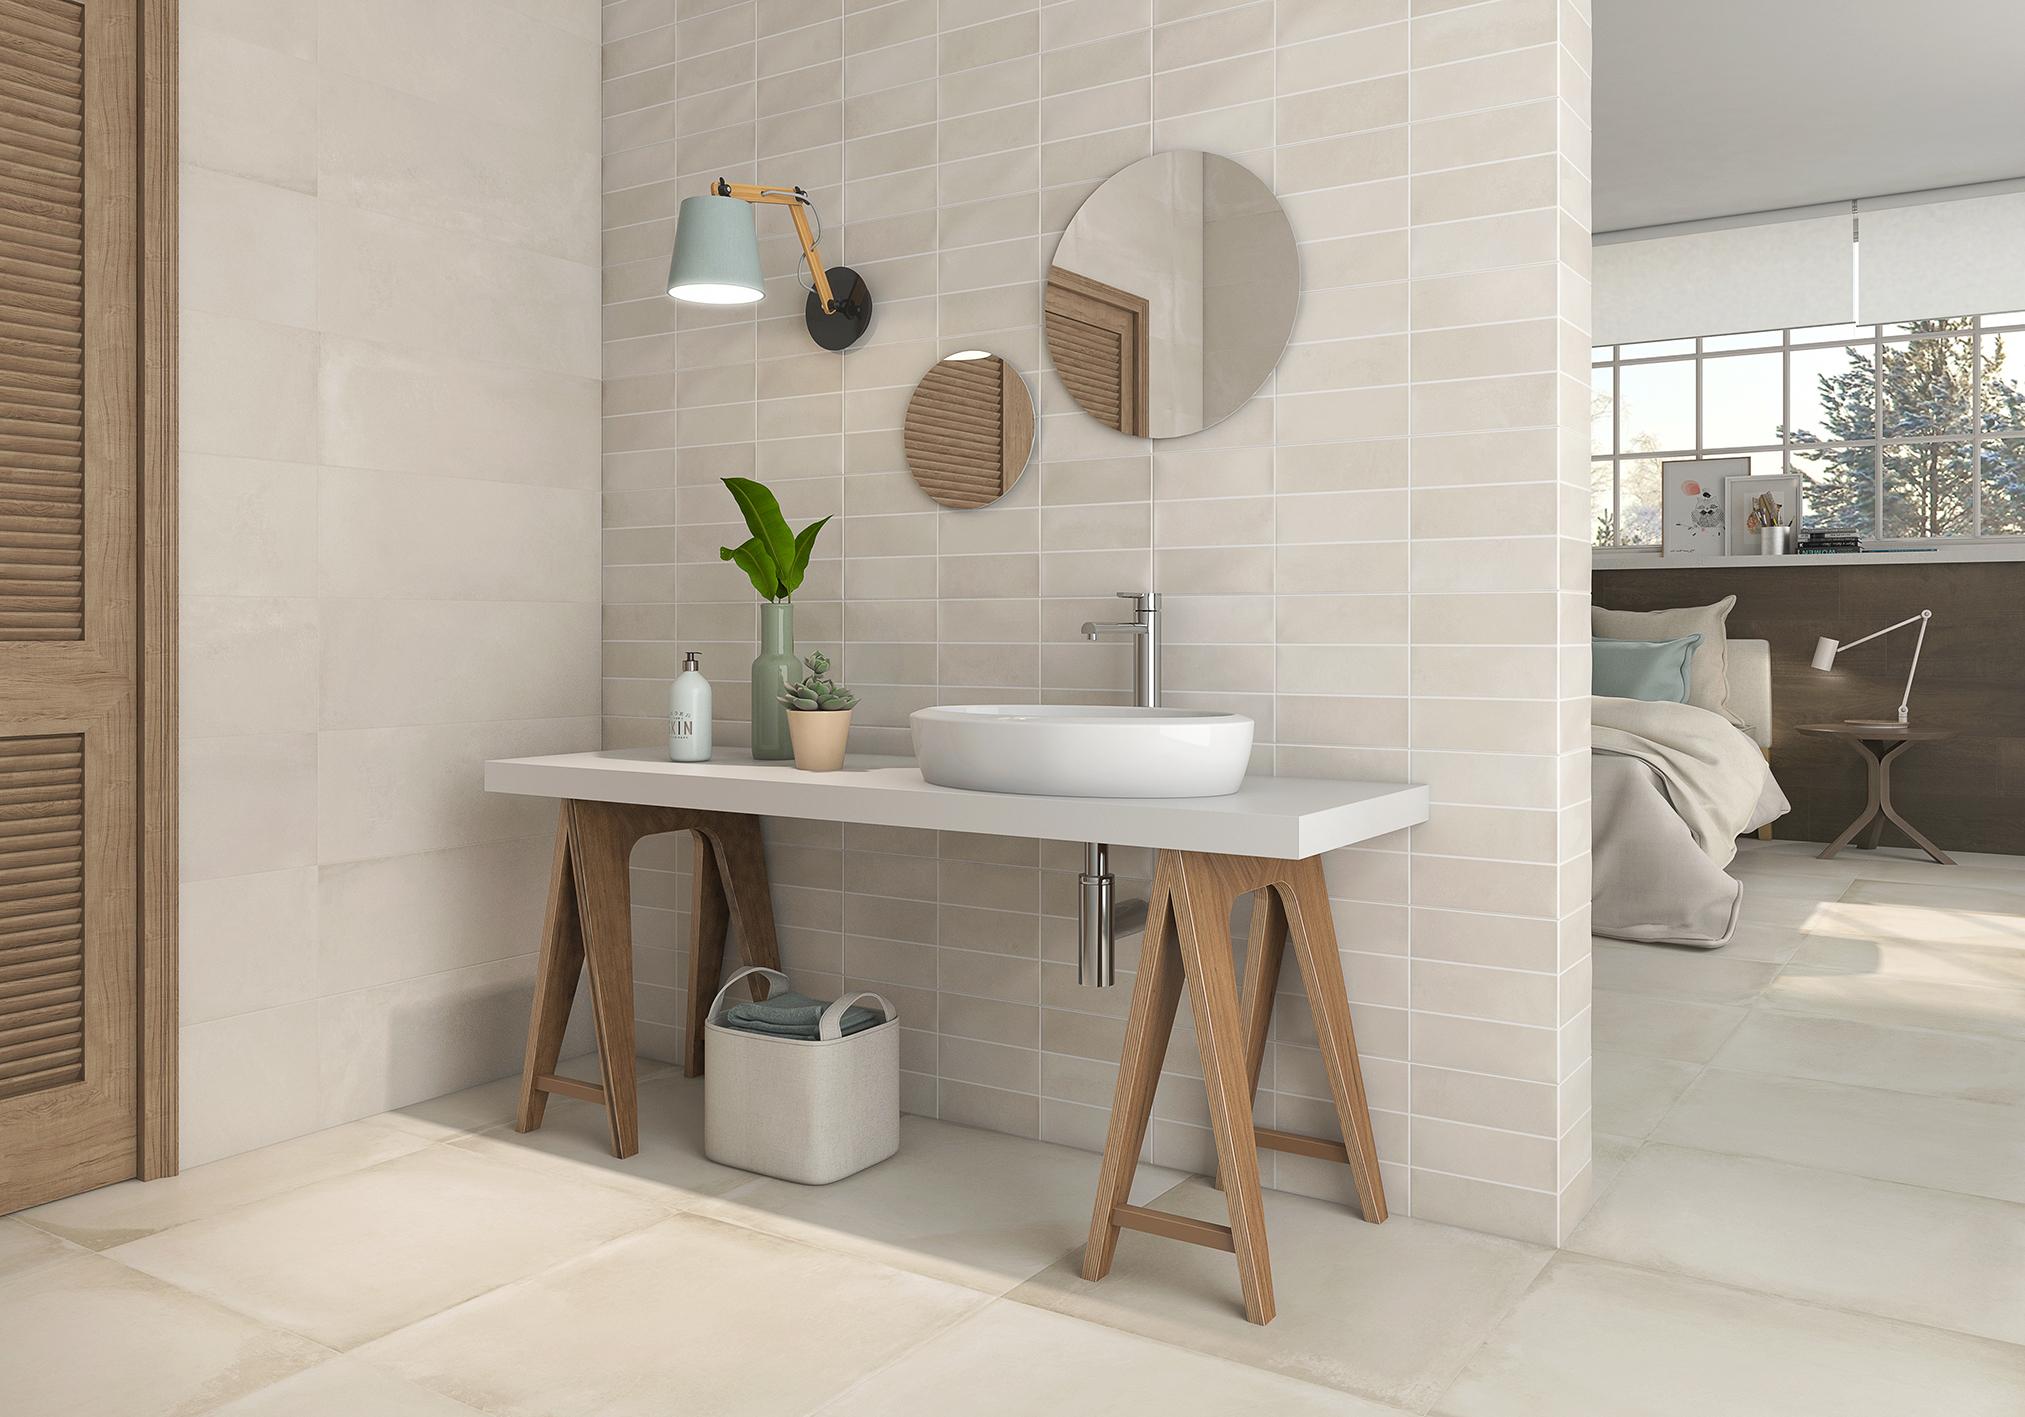 Baltik lo nuevo de gala para el ba o inspirado en el for Placa duchas modernas